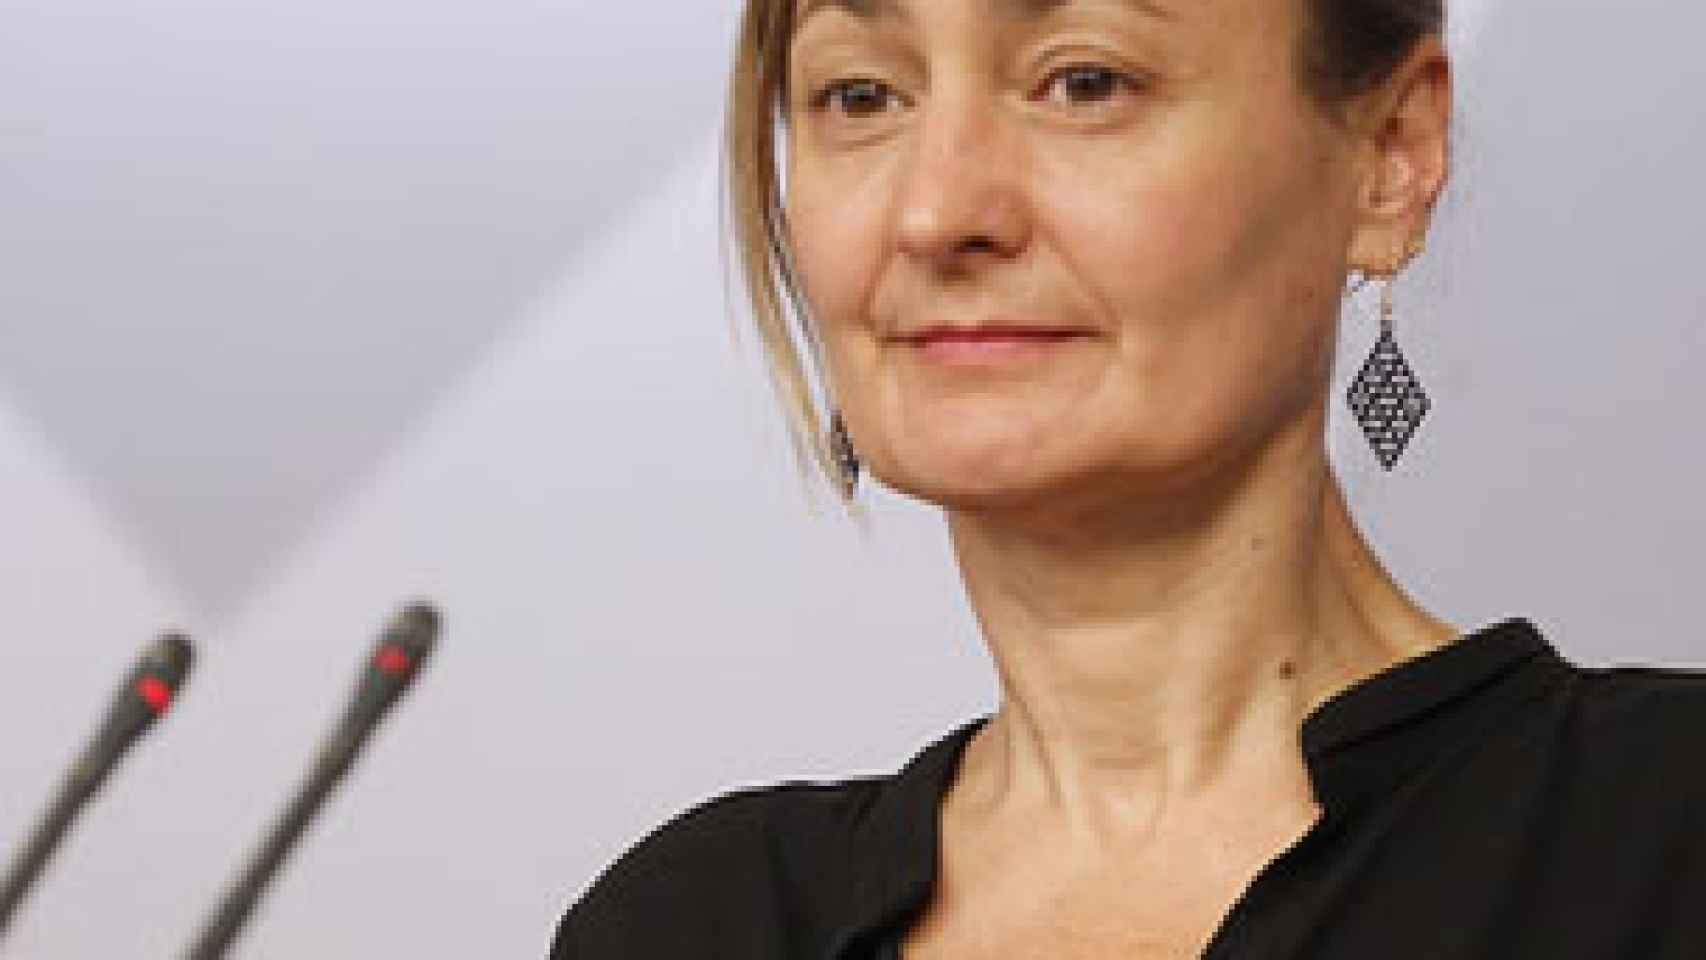 La portavoz de Empleo del grupo parlamentario socialista, Luz Rodríguez